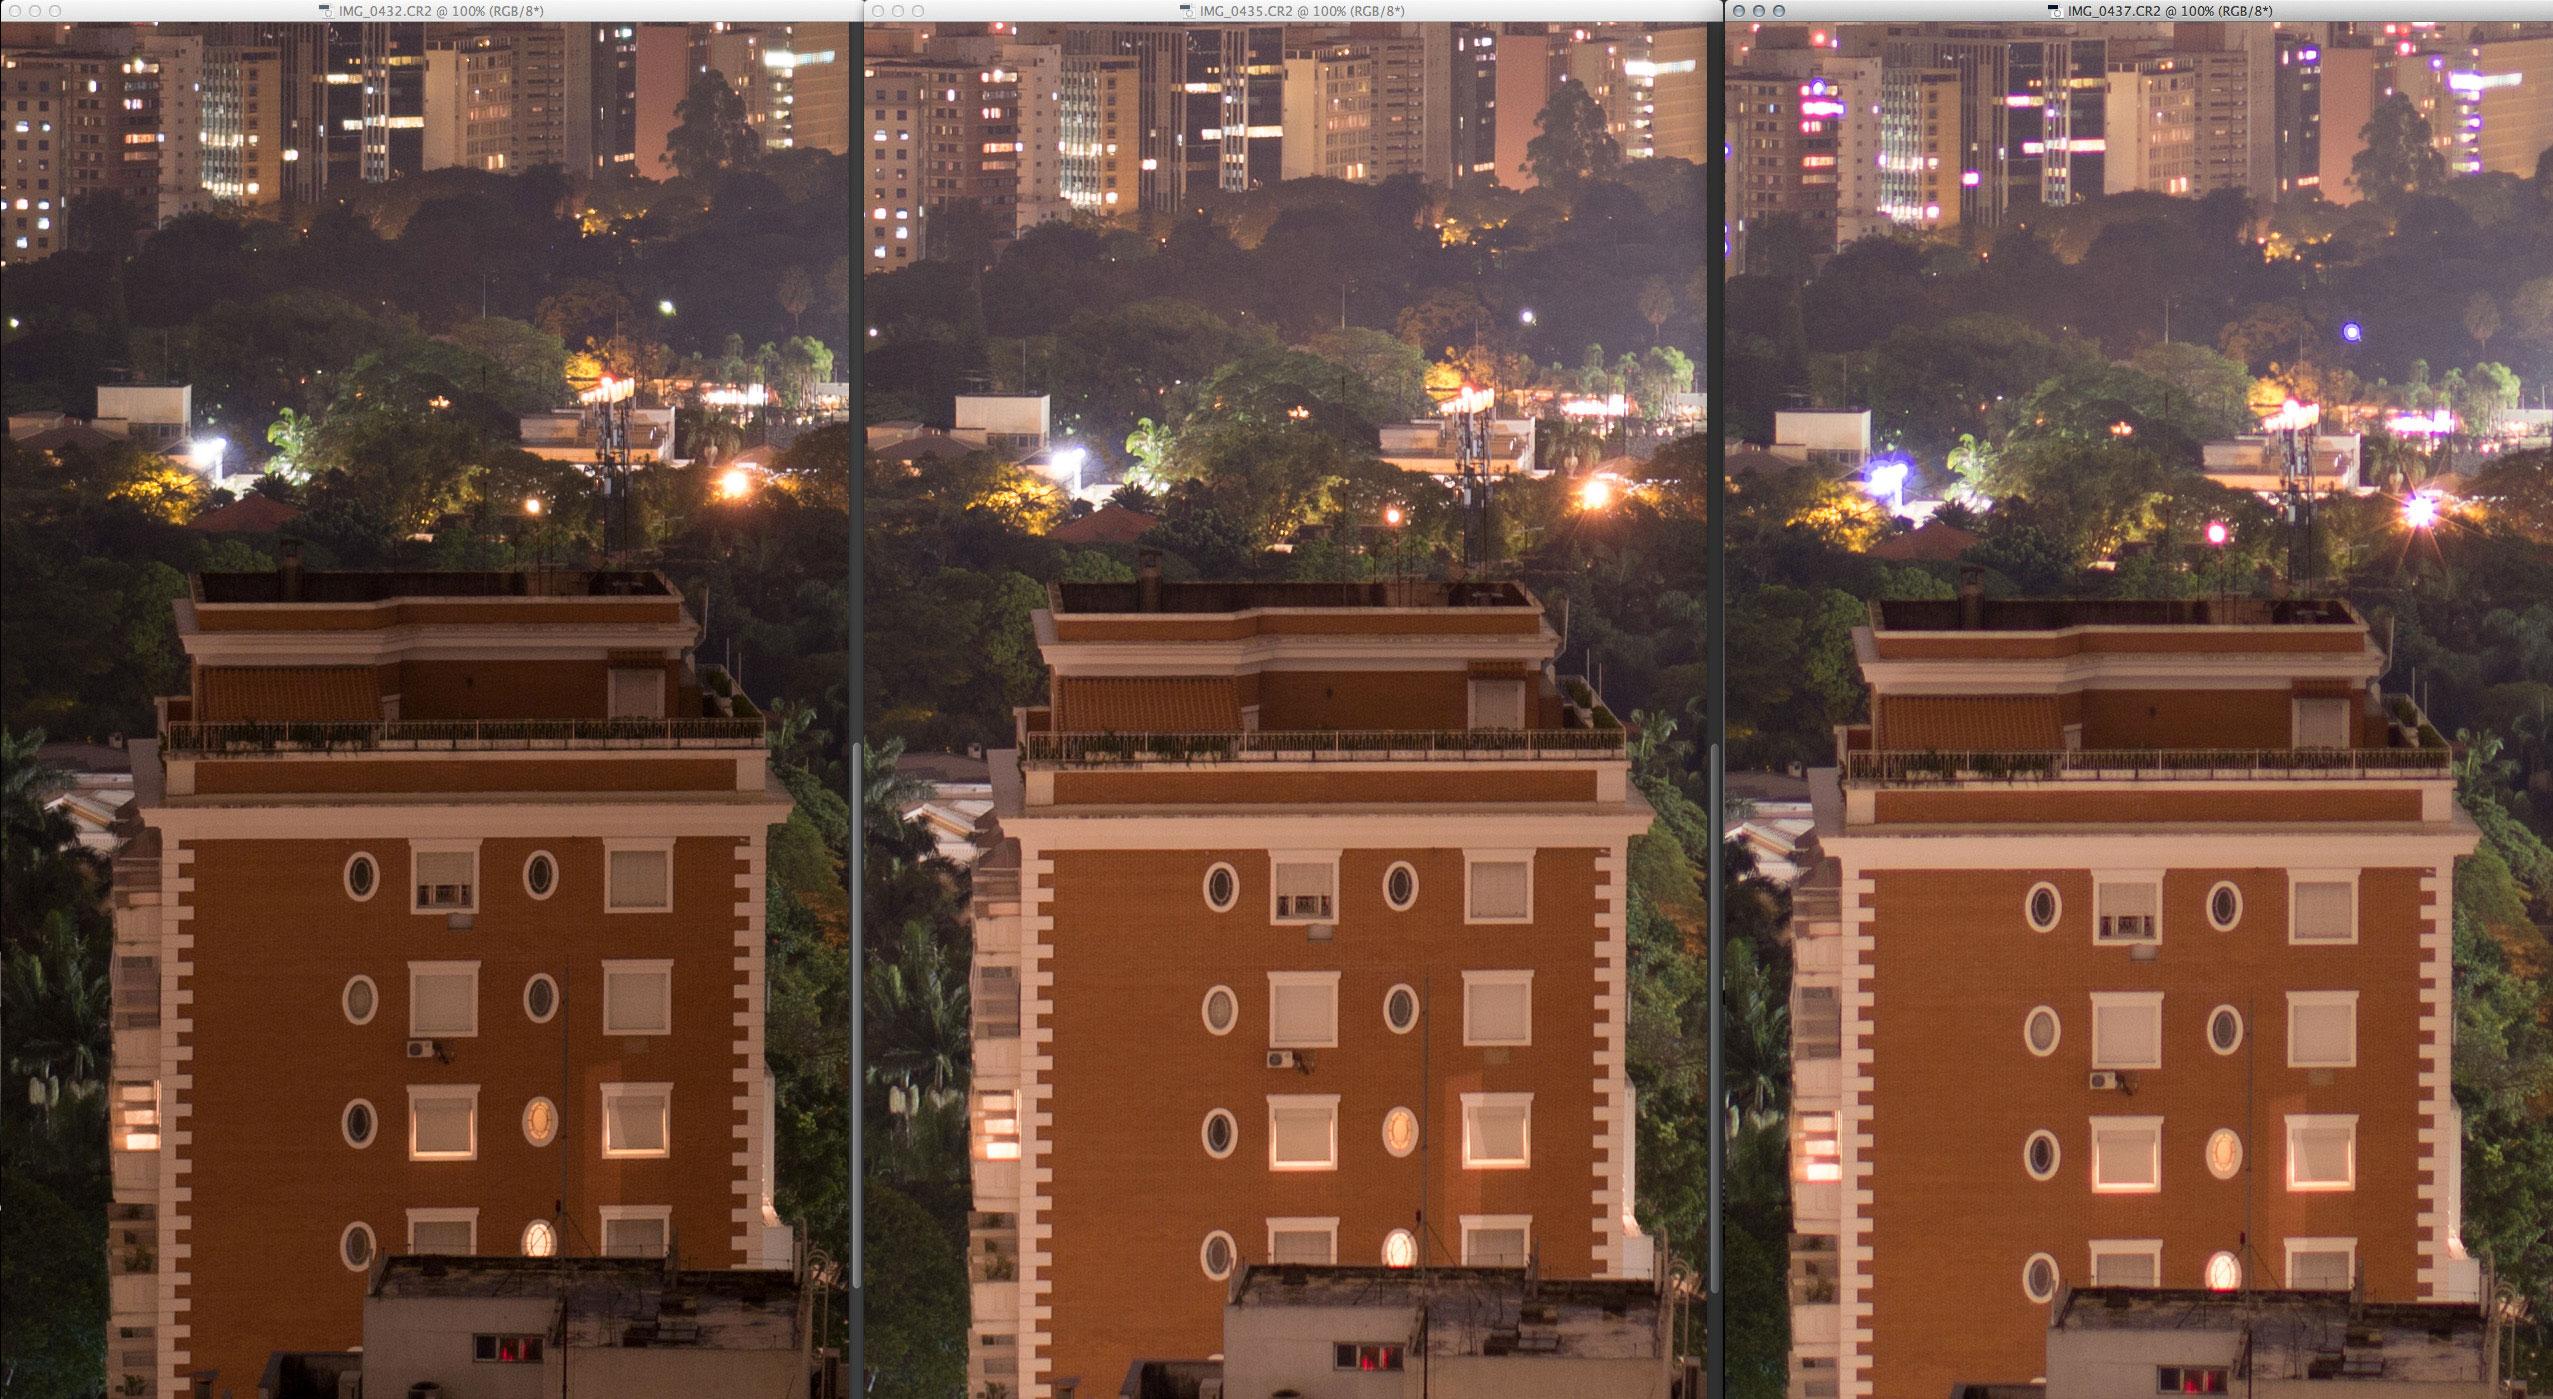 Da esquerda para direita: 18-35mm, 35mm f/1.4 DG, 35mm f/1.4L. Quase o mesmo resultado da borda: resolução virtualmente idêntica nas Sigma e Canon sofrendo com aberrações.